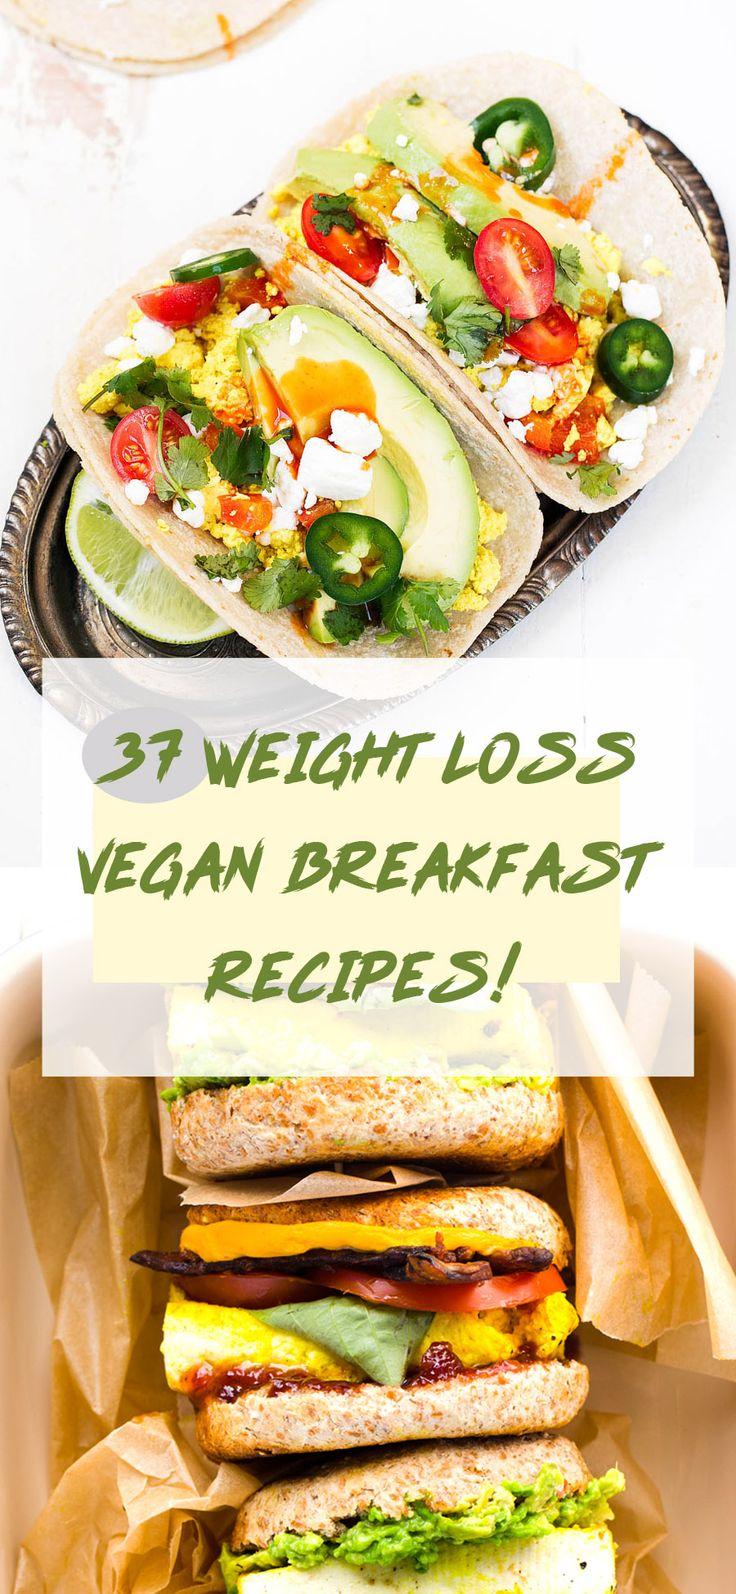 37 Vegane Frühstücke, die wahnsinnig lecker sind und Ihnen beim Abnehmen helfen! -…